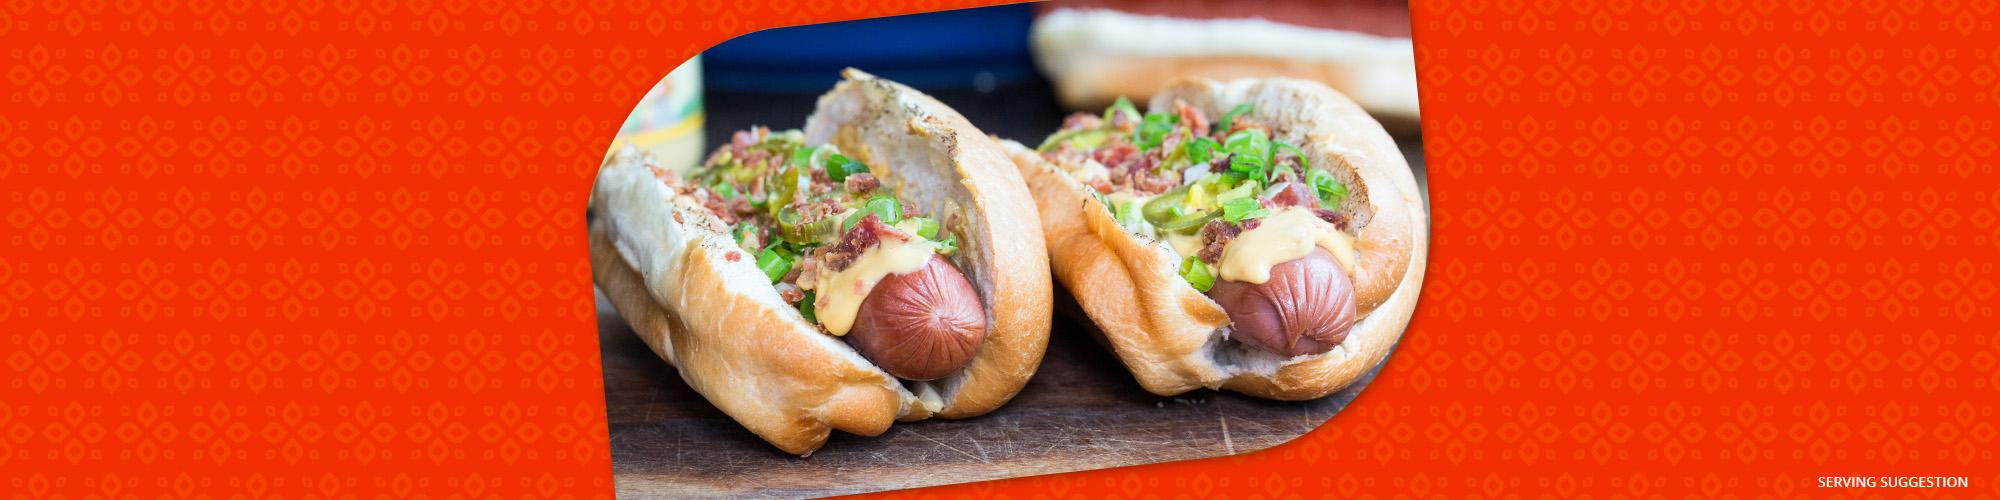 Salsas salsa con queso dogs